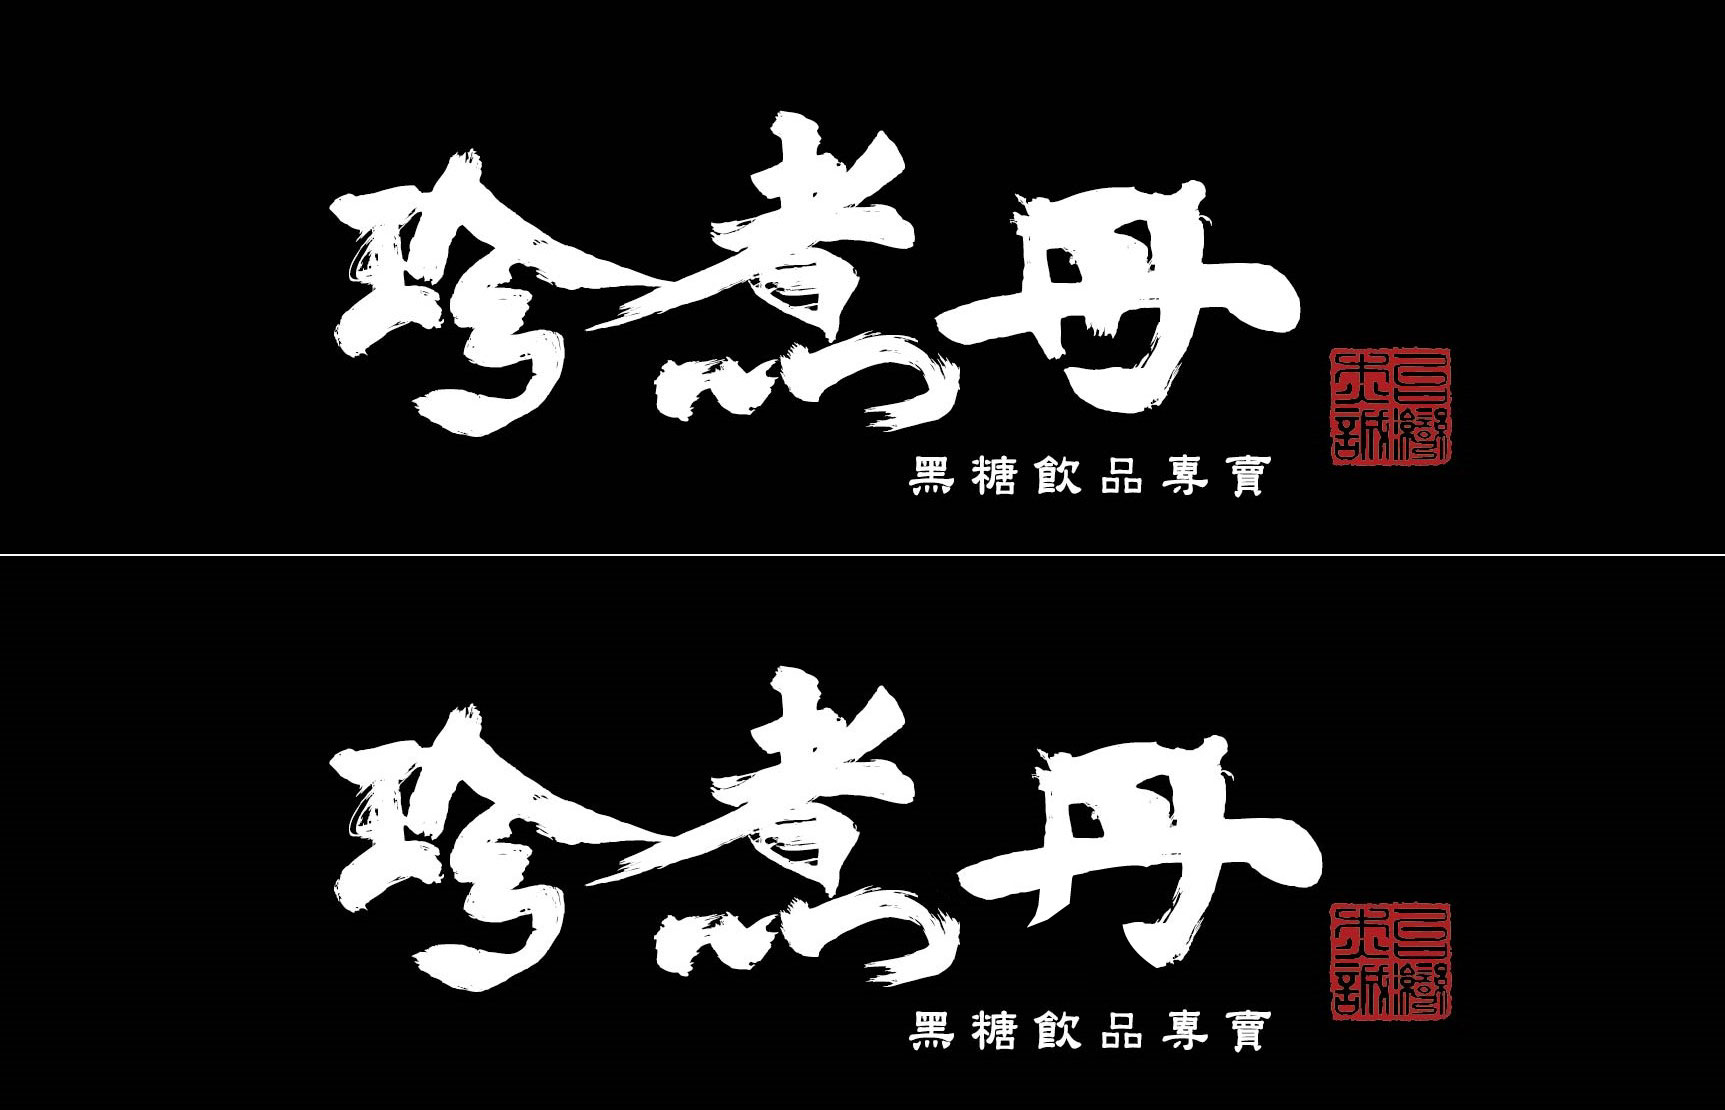 珍煮丹原版 Logo(上),修改版 Logo(下)